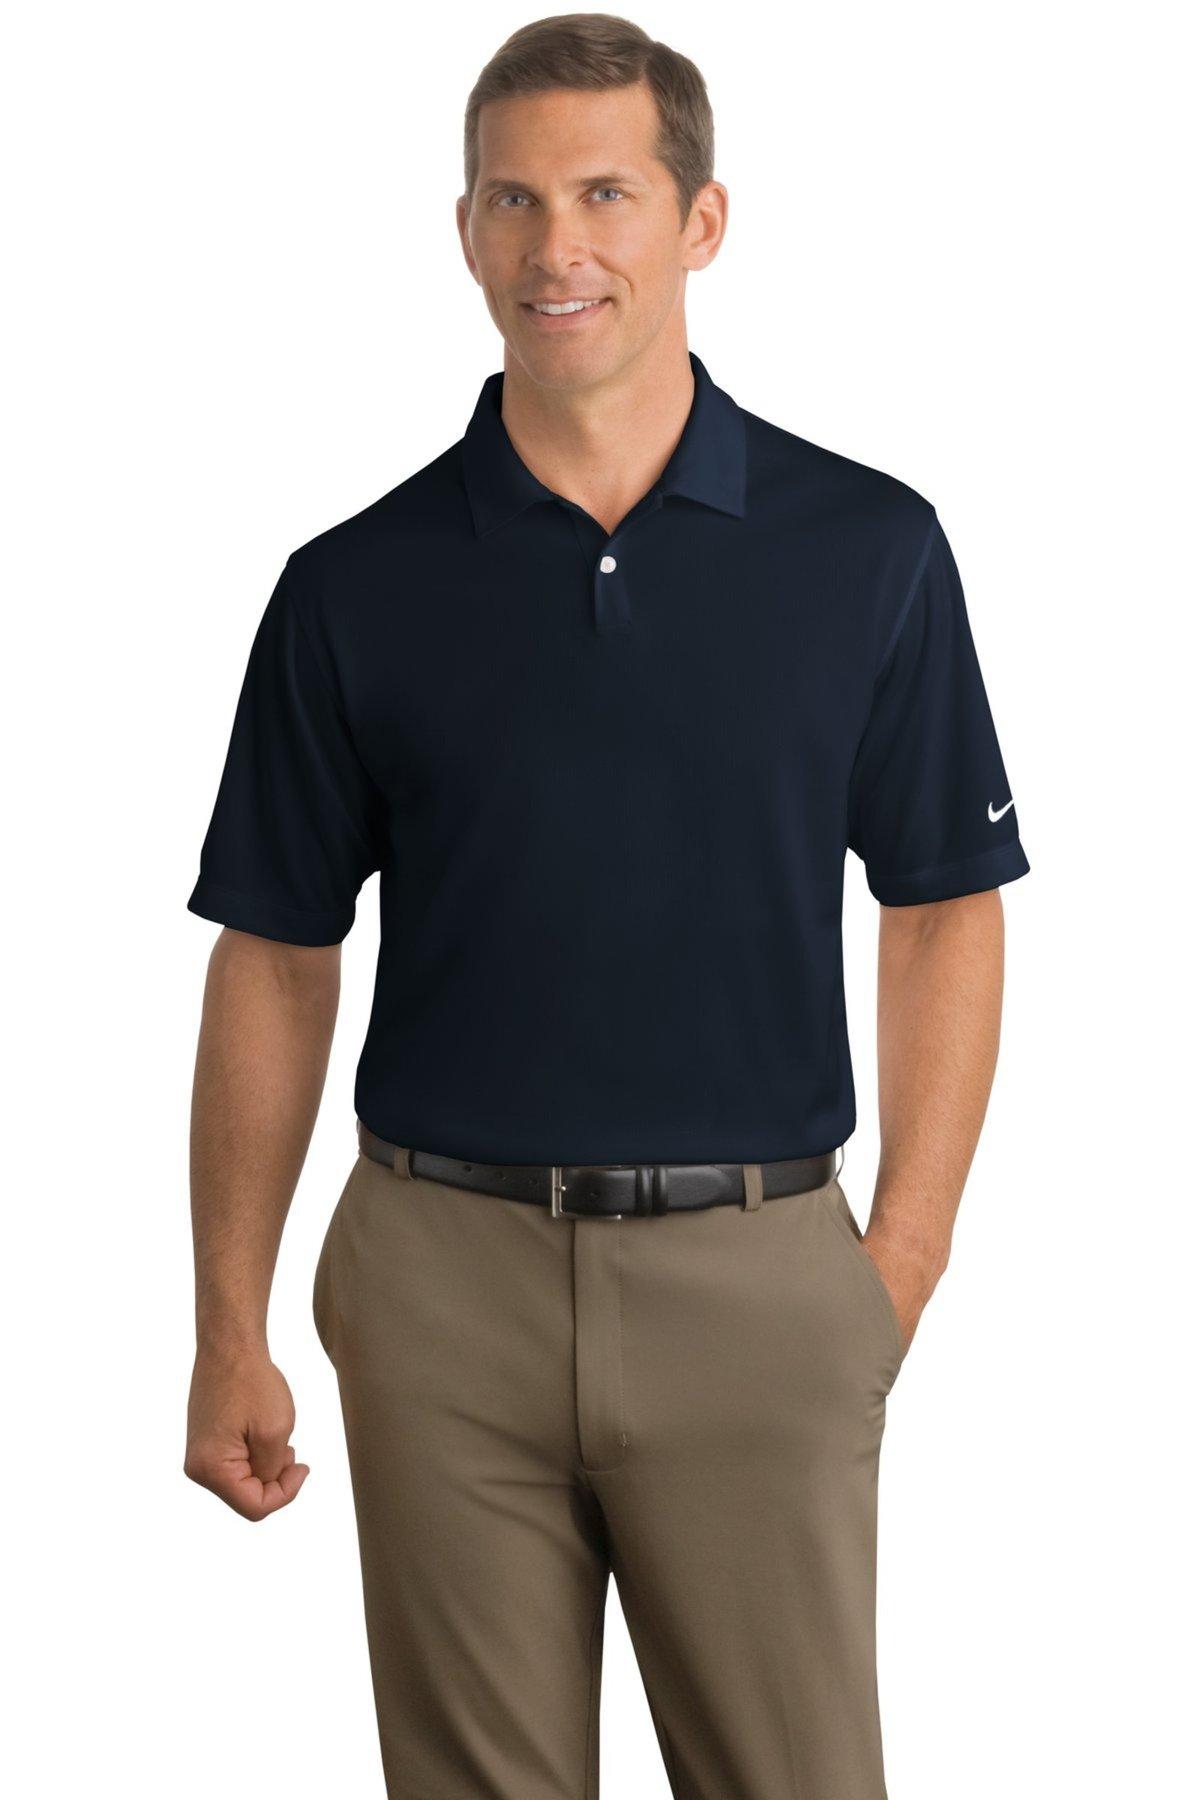 6c26b21e Nike Golf Embroidered Men's Dri-FIT Pebble Texture Polo   Nike - Queensboro